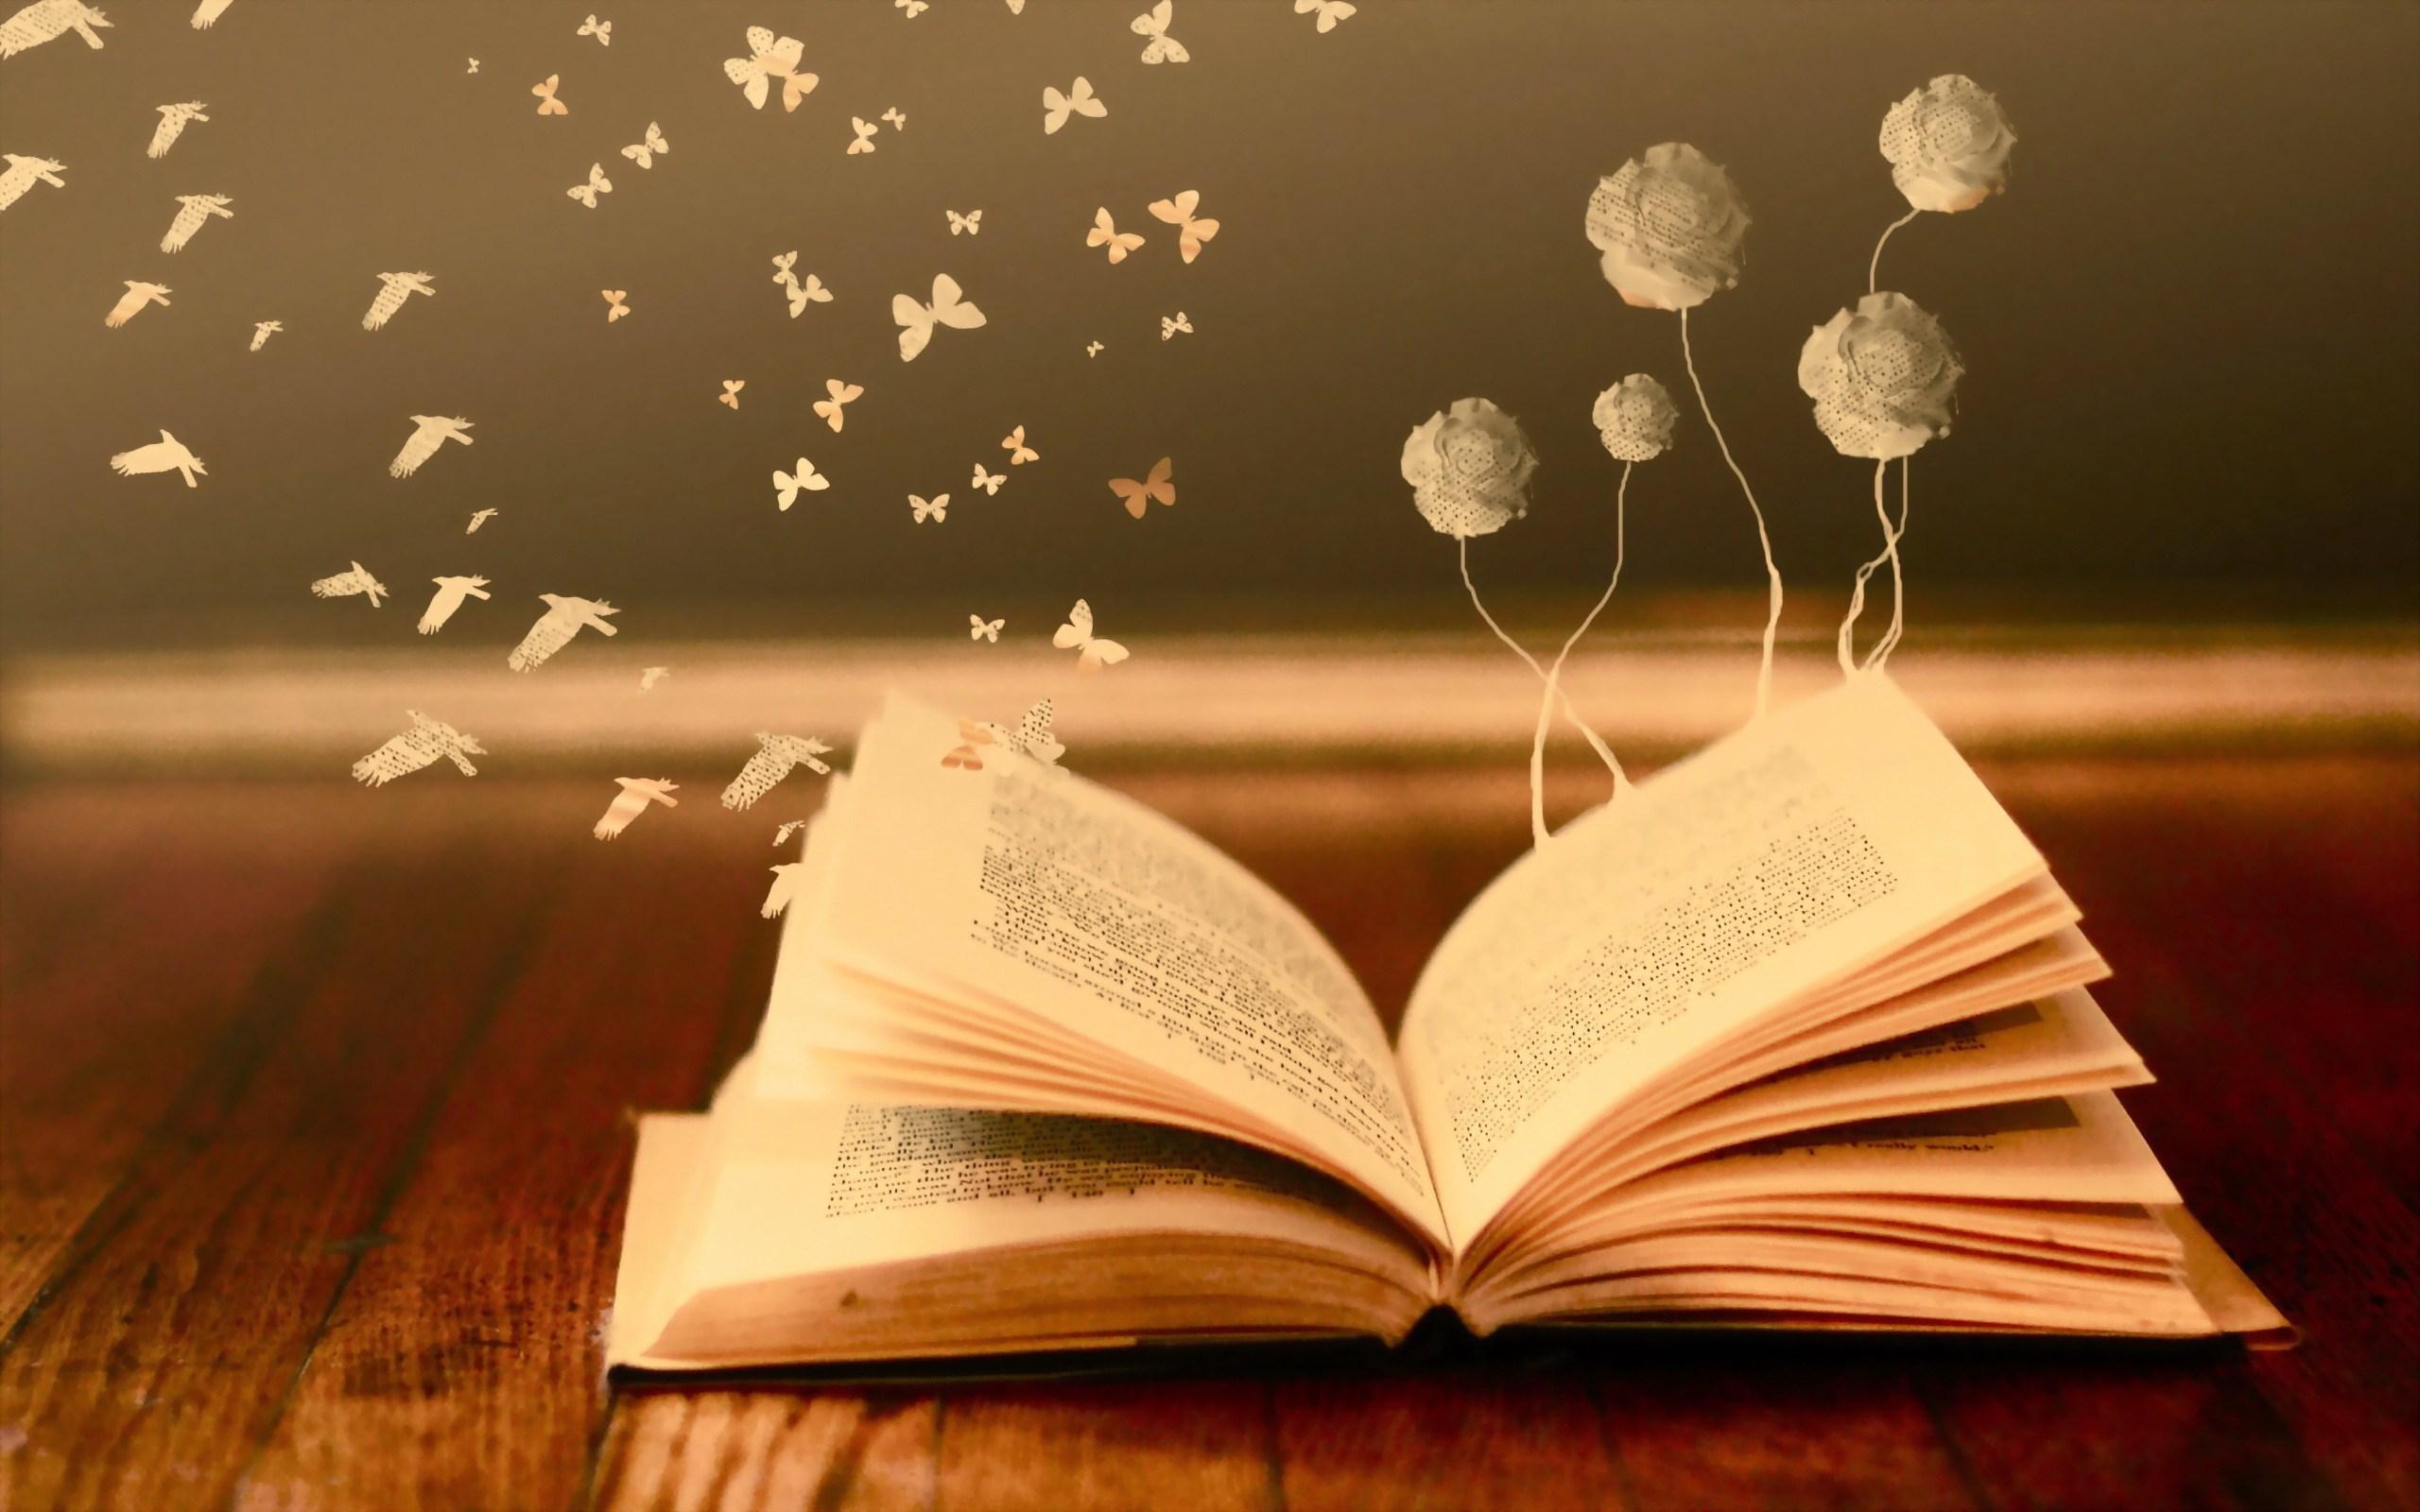 چگونه از درس خواندن لذت ببرم | لذت مطالعه